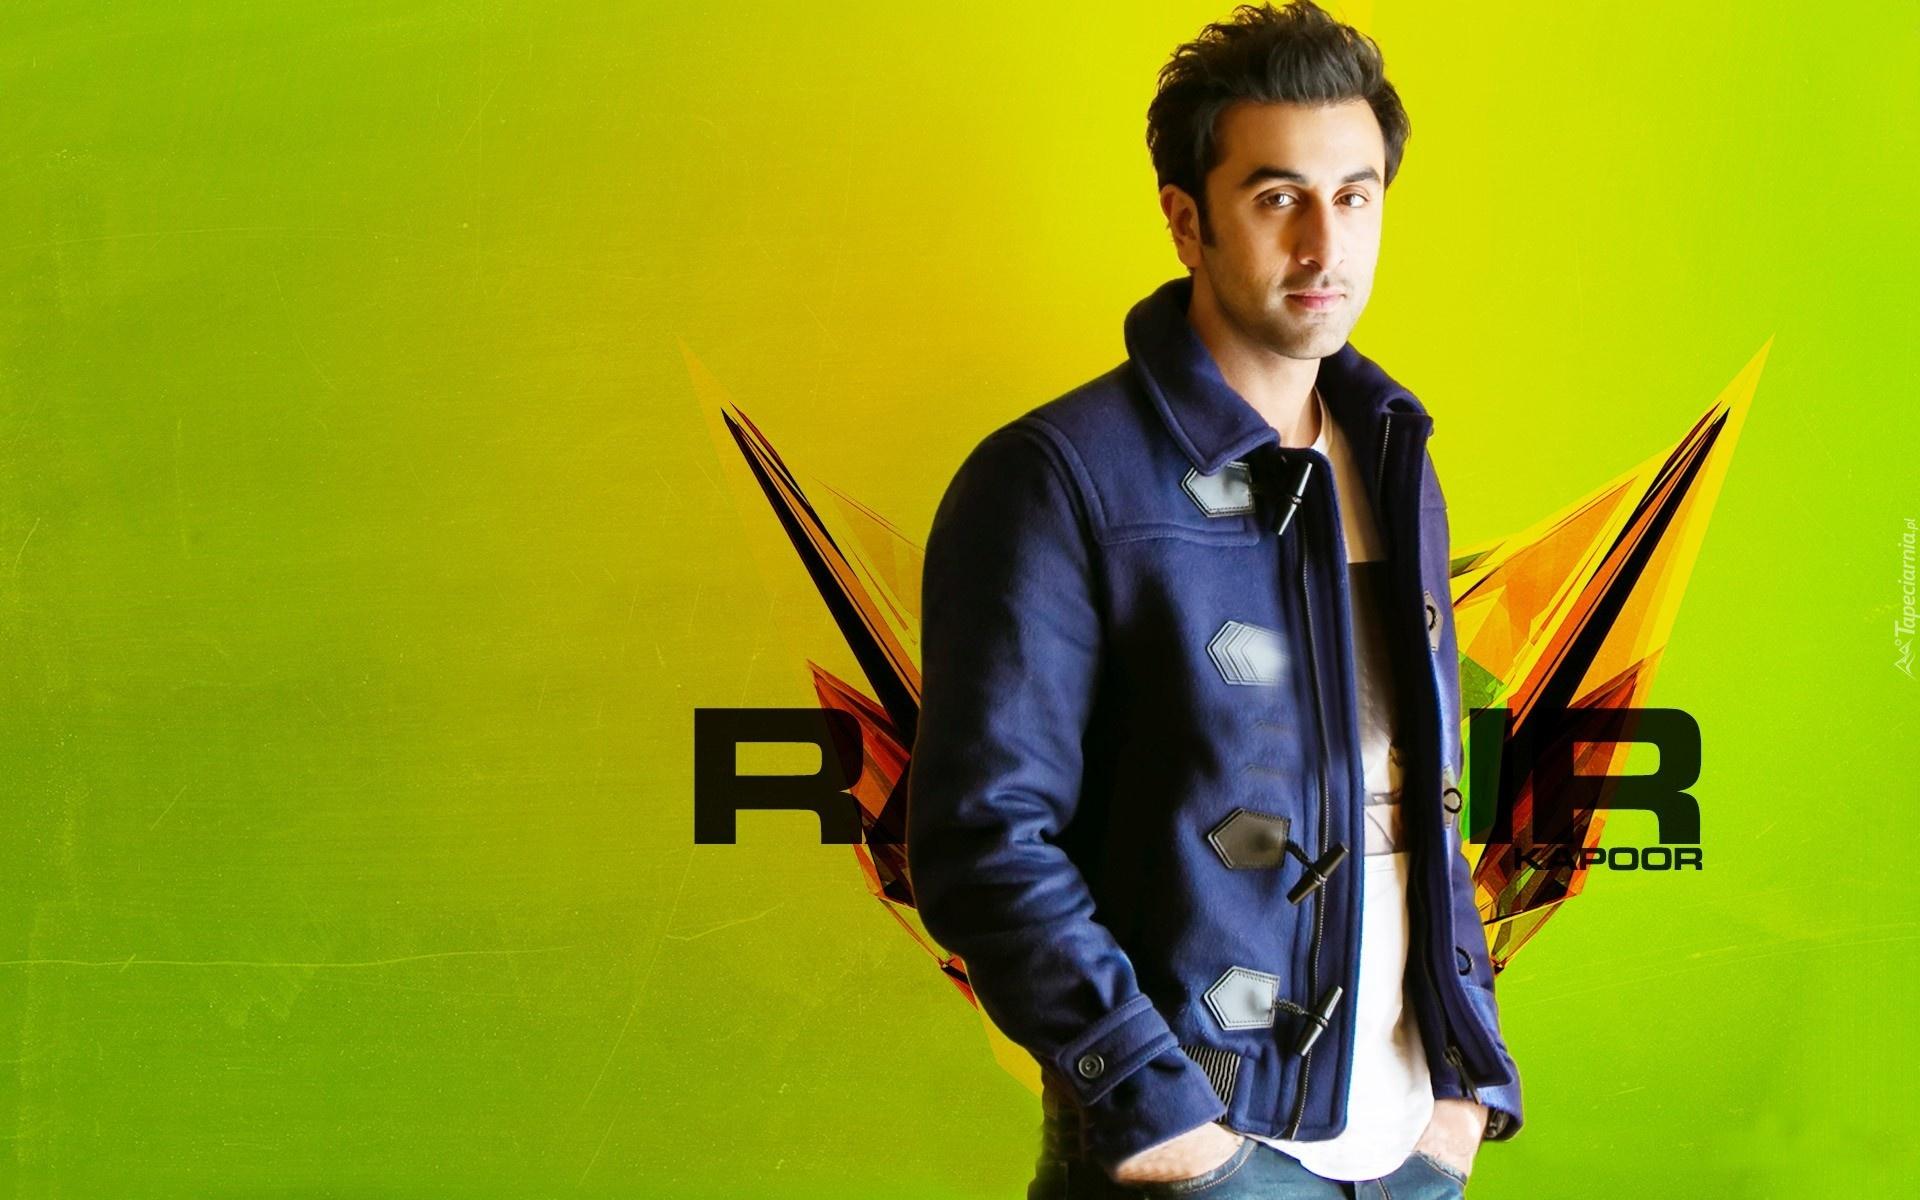 Mężczyzna, Aktor, Bollywood, Ranbir, Kapoor